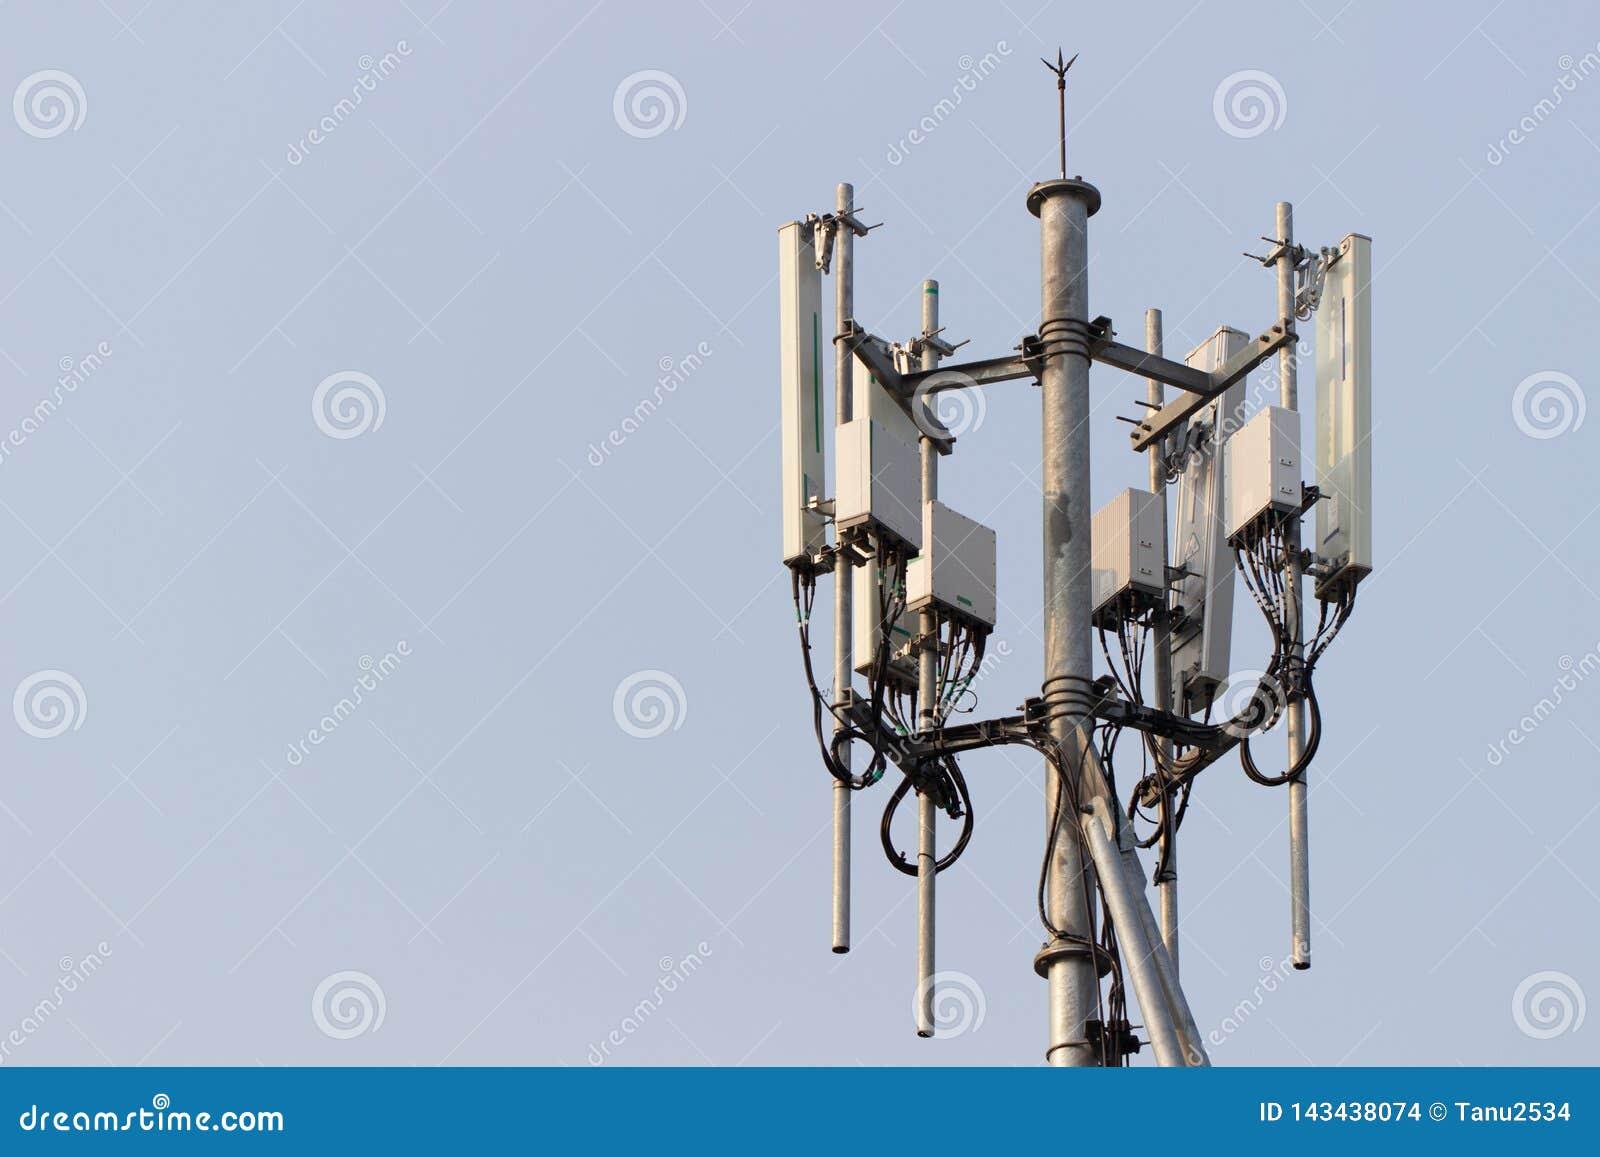 Κινητός πύργος τηλεφωνικών σταθμών βάσης